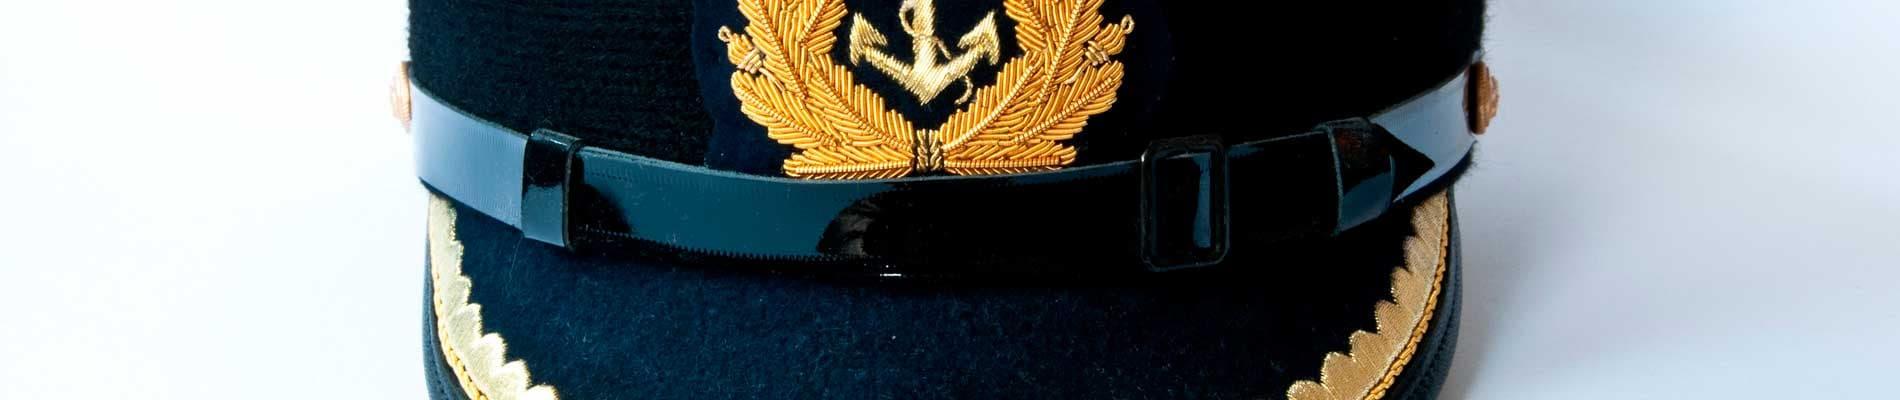 Marina civil i nàutica